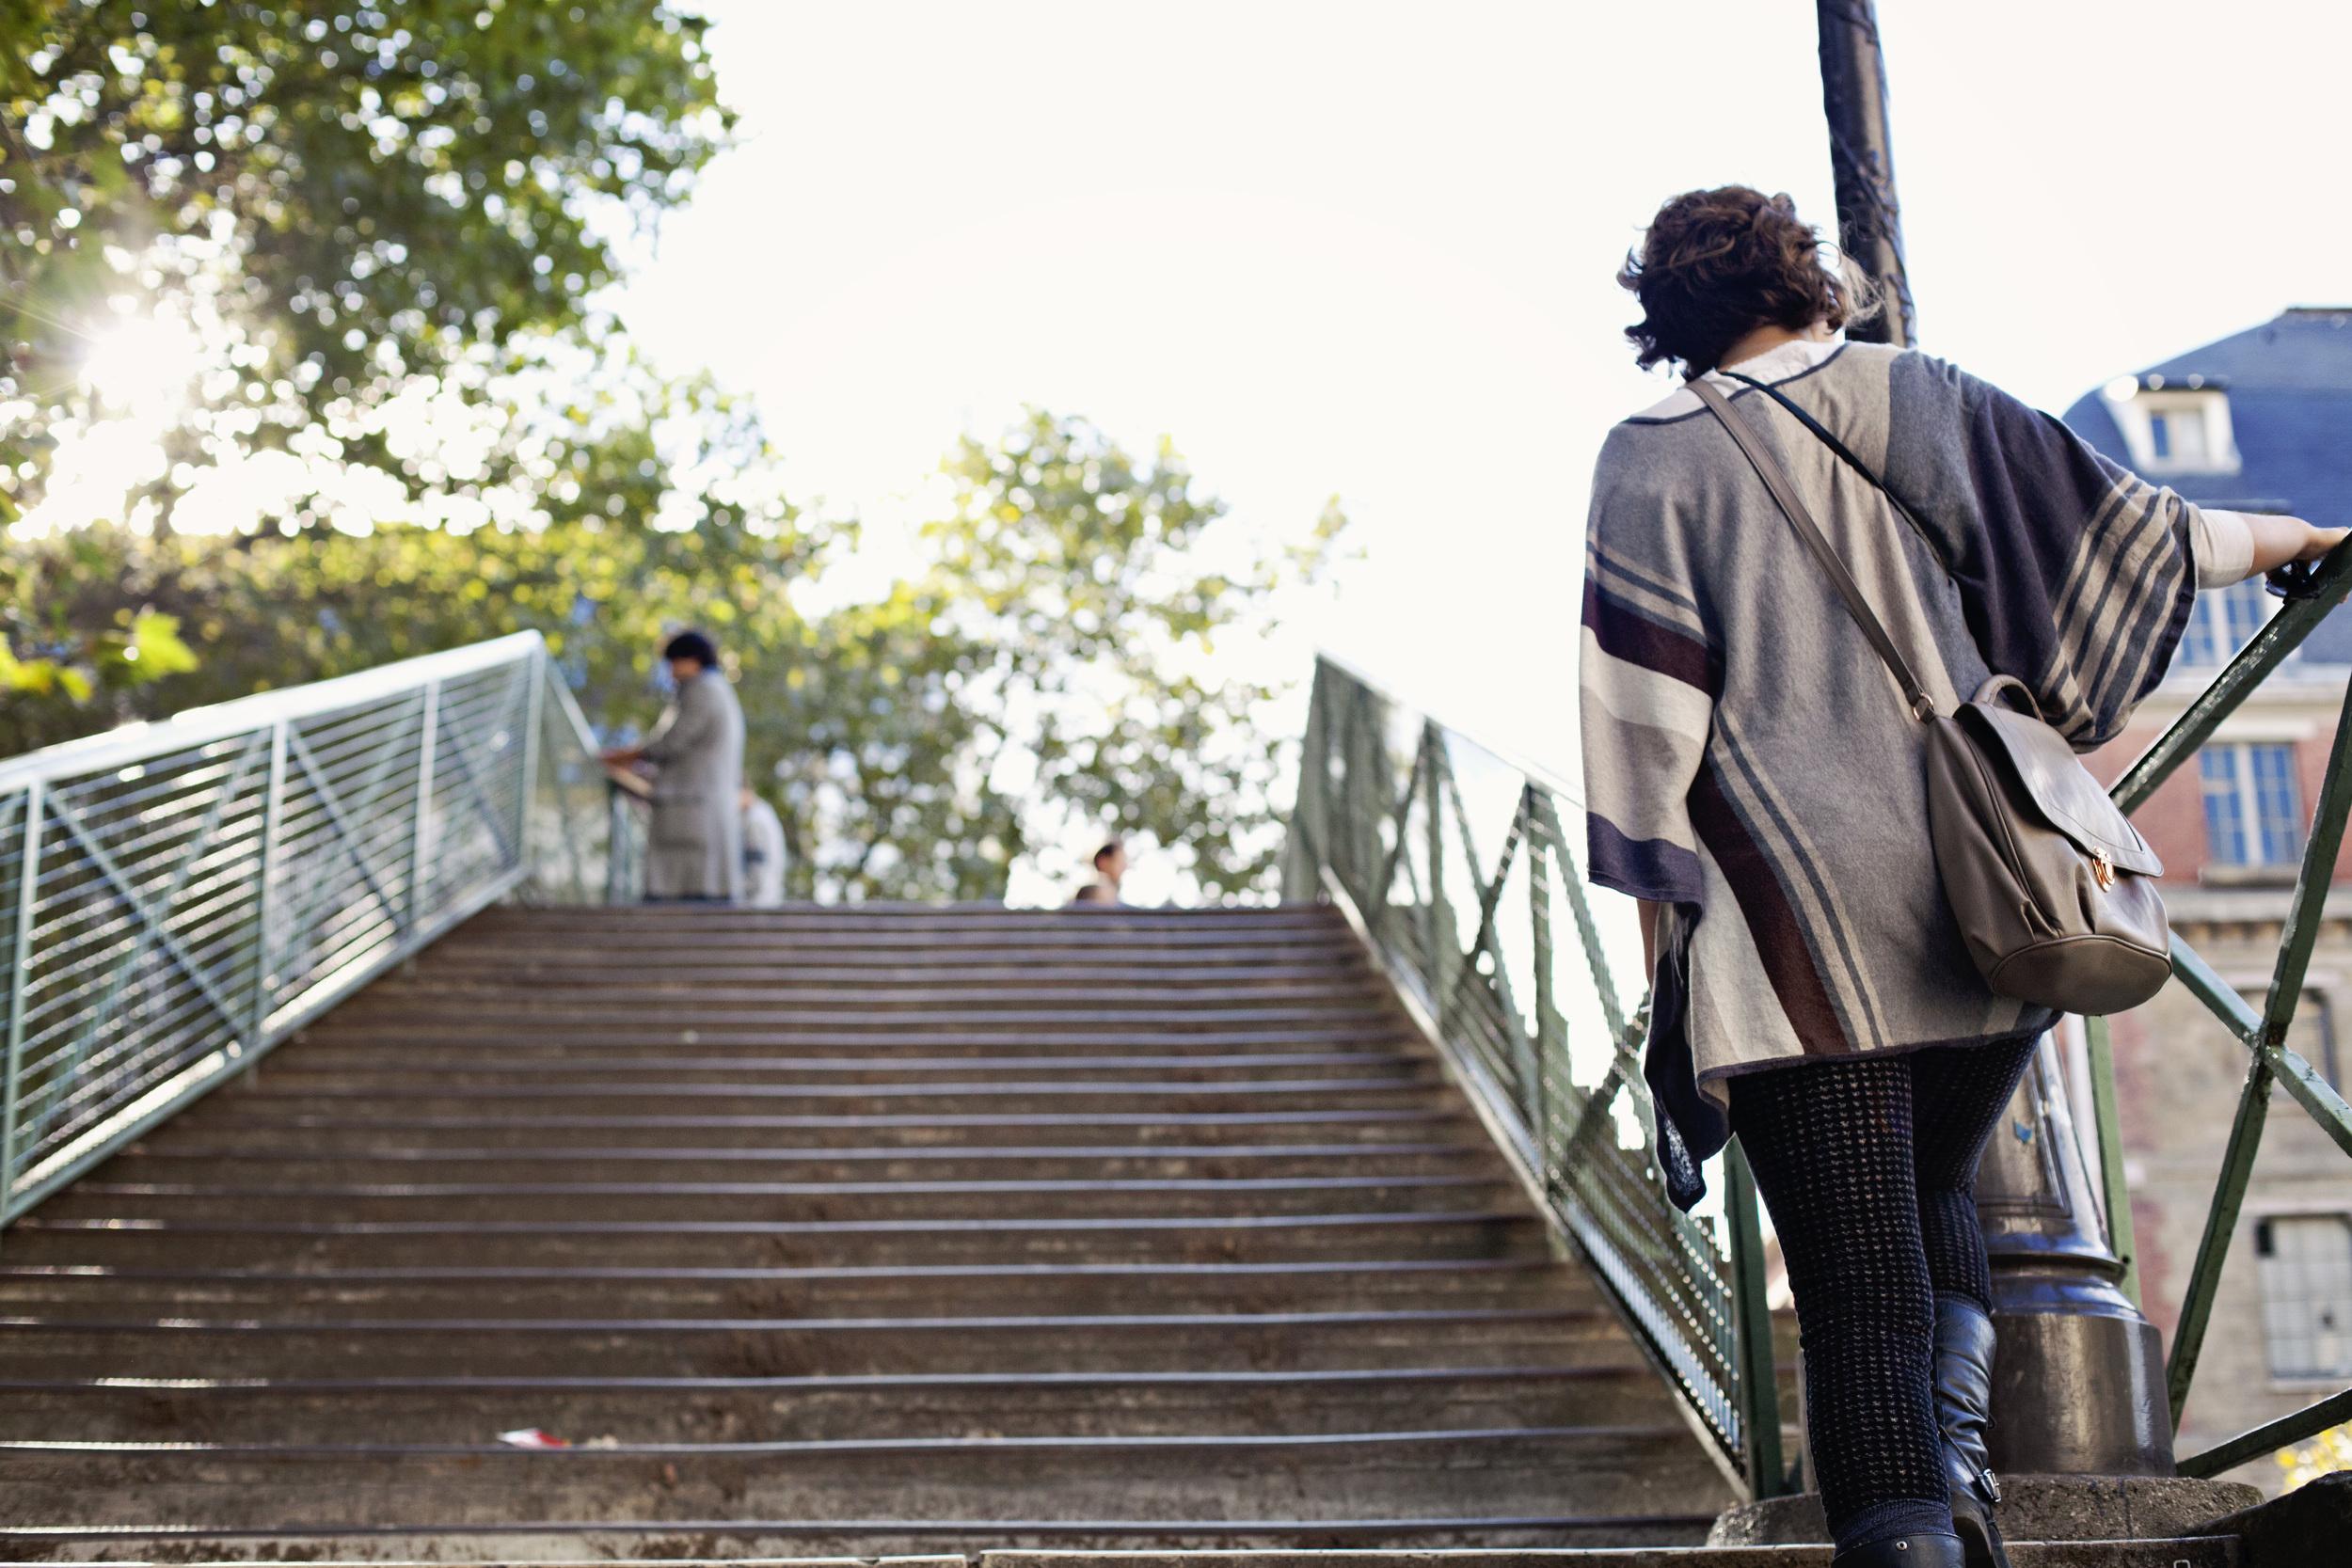 Paris_20121005_0447_1